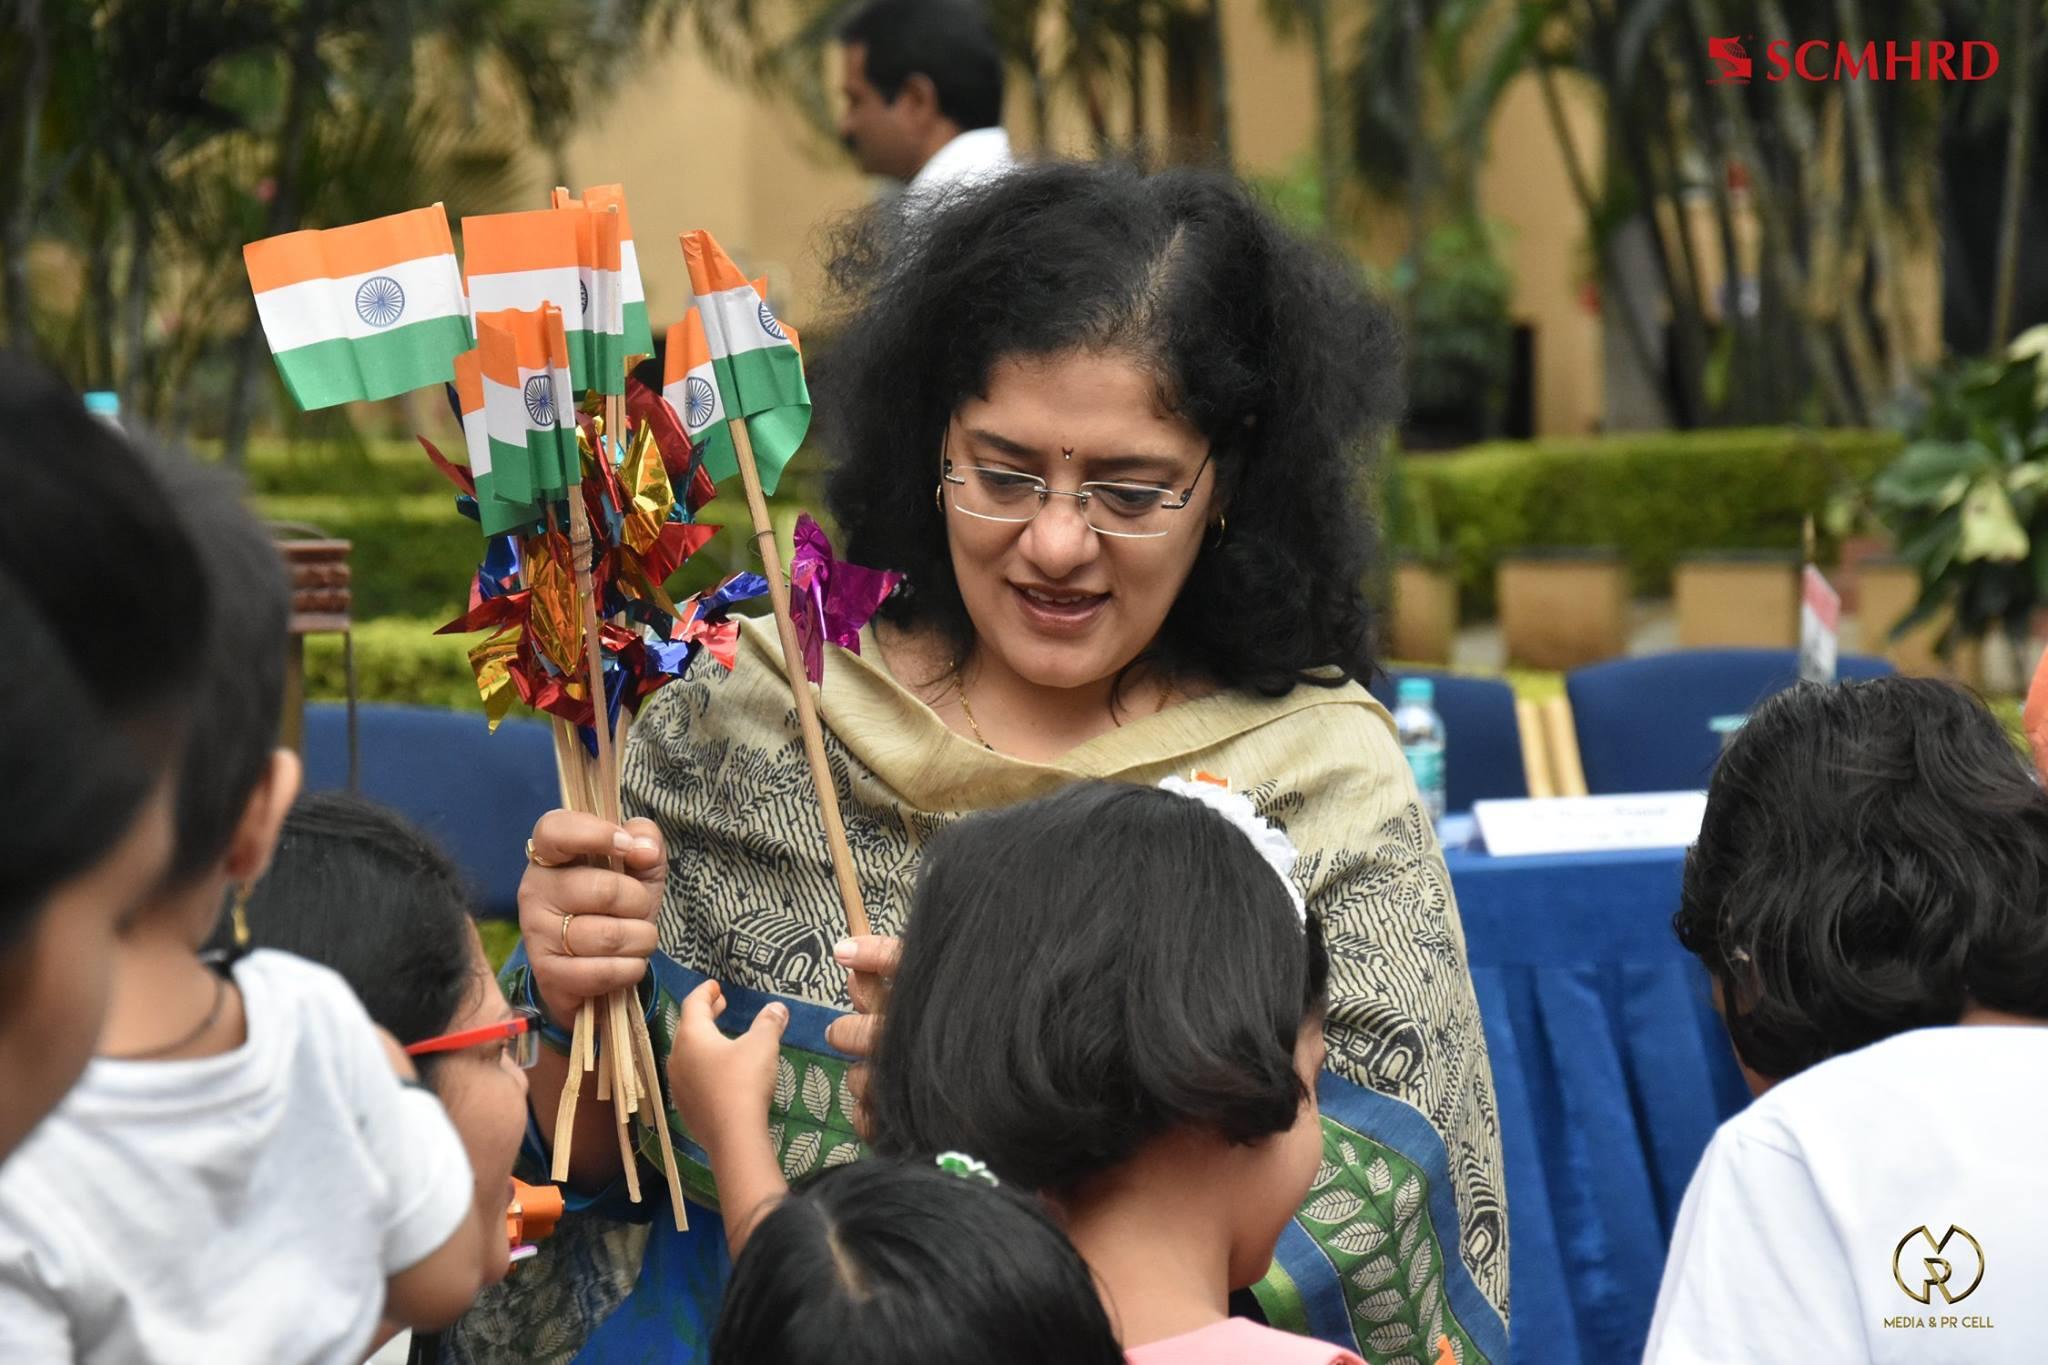 SCMHRD independence day celebration